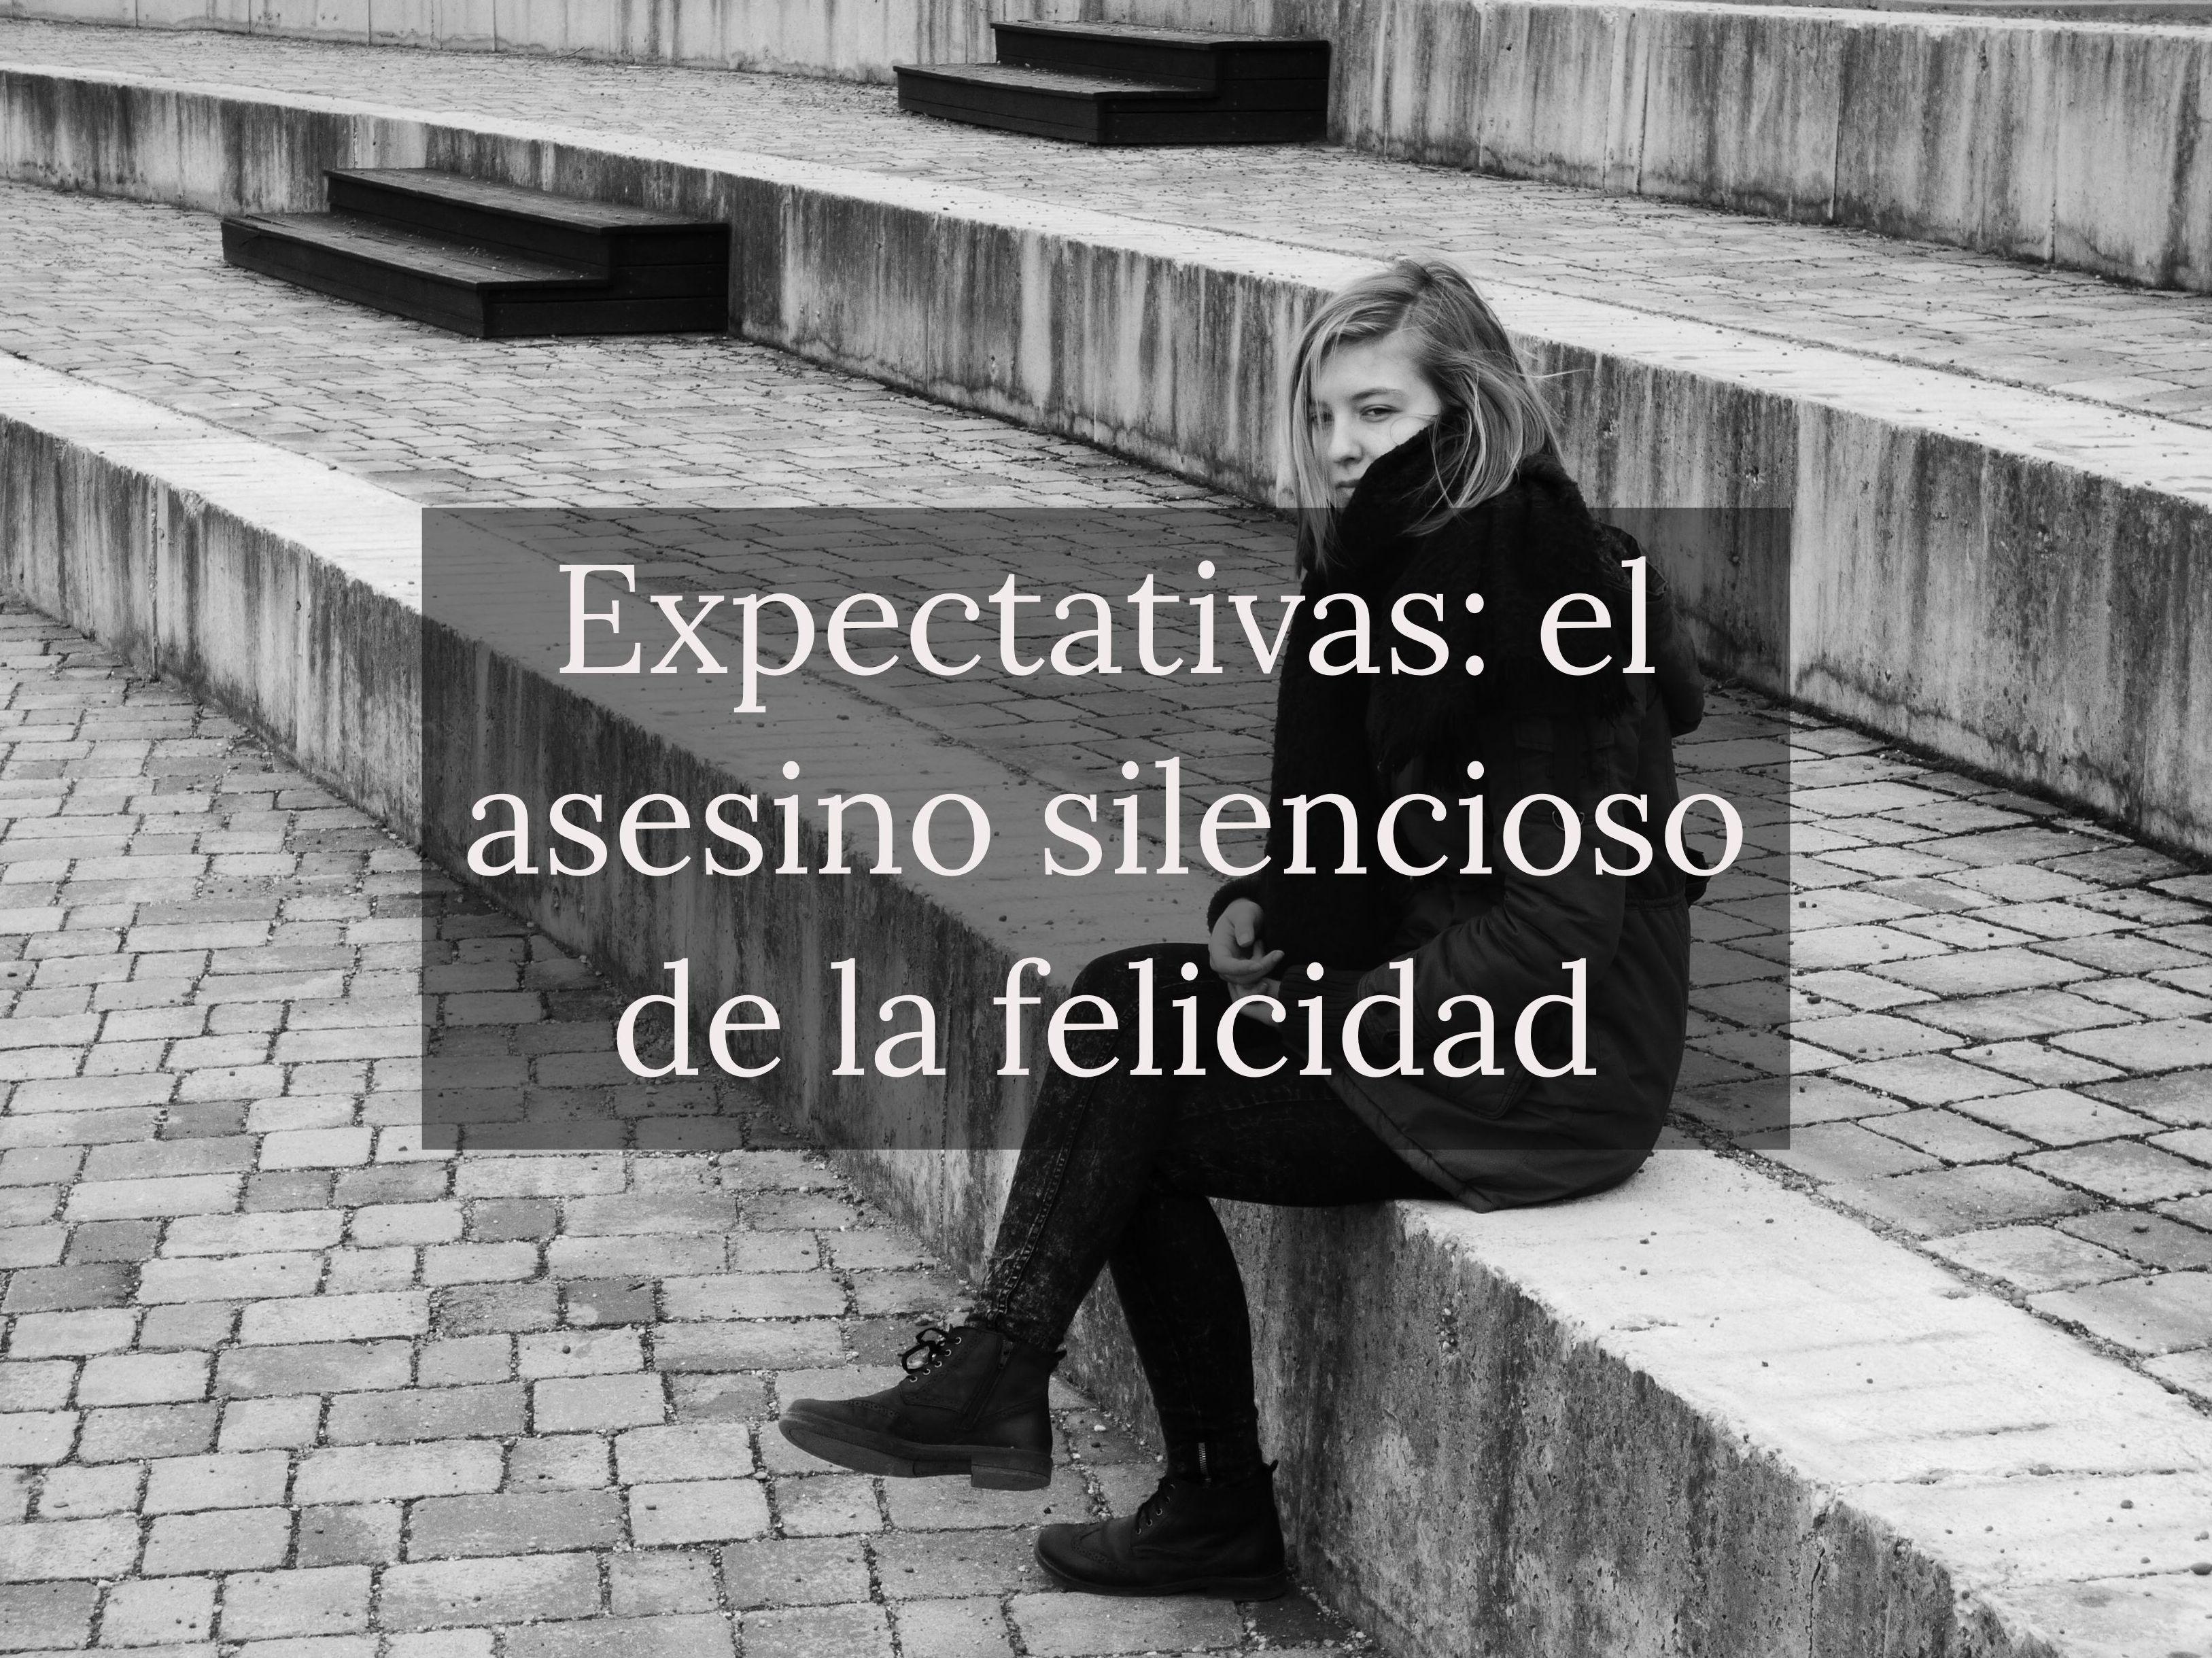 Expectativas: el asesino silencioso de la felicidad